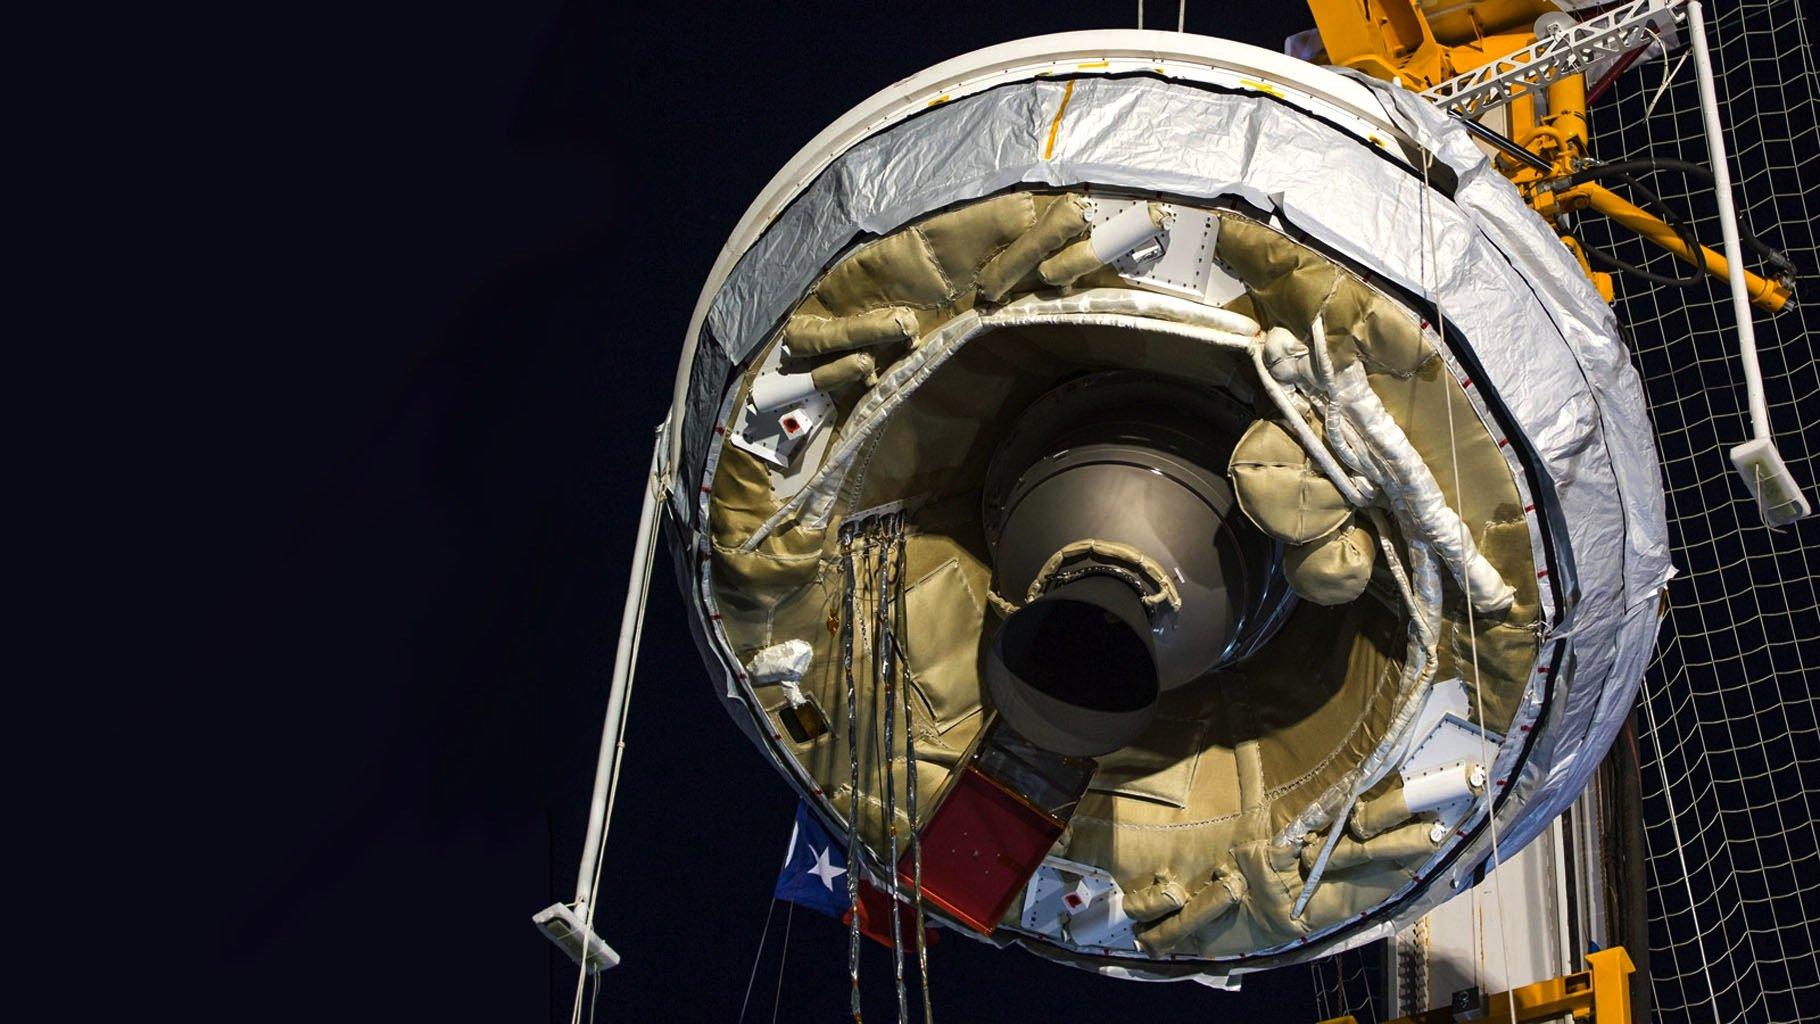 In der Mitte des Nasa-Fallschirms LDSDist die Rakete zu sehen, die das Tandem auf 55 km transportiert hat.